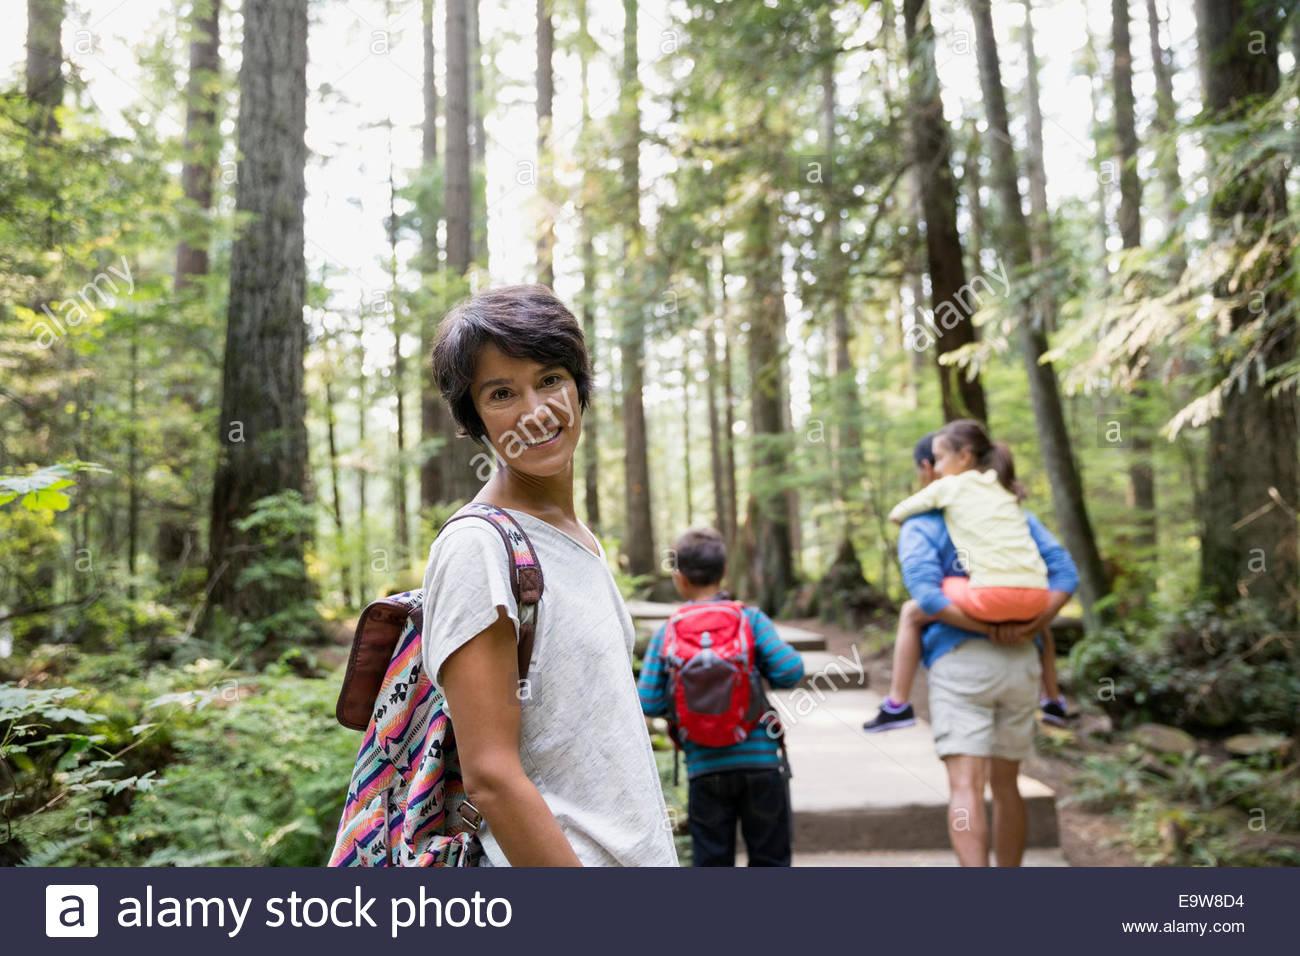 Ritratto di donna sorridente con la famiglia nel bosco Immagini Stock